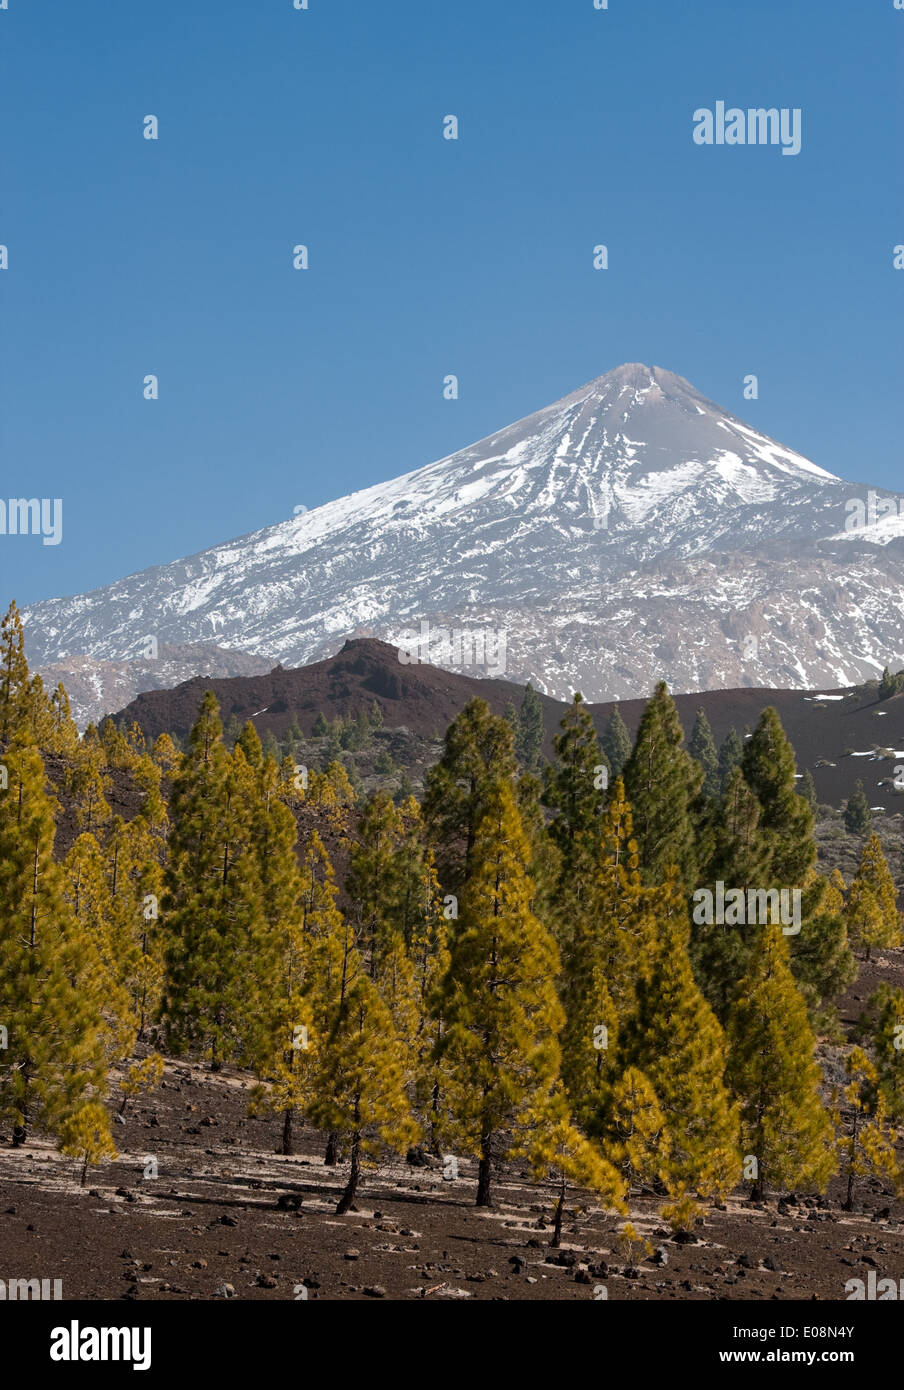 Pico de Teide, Teneriffa, Spanien - Pico de Teide, Teneriffa, Spanien Stockbild